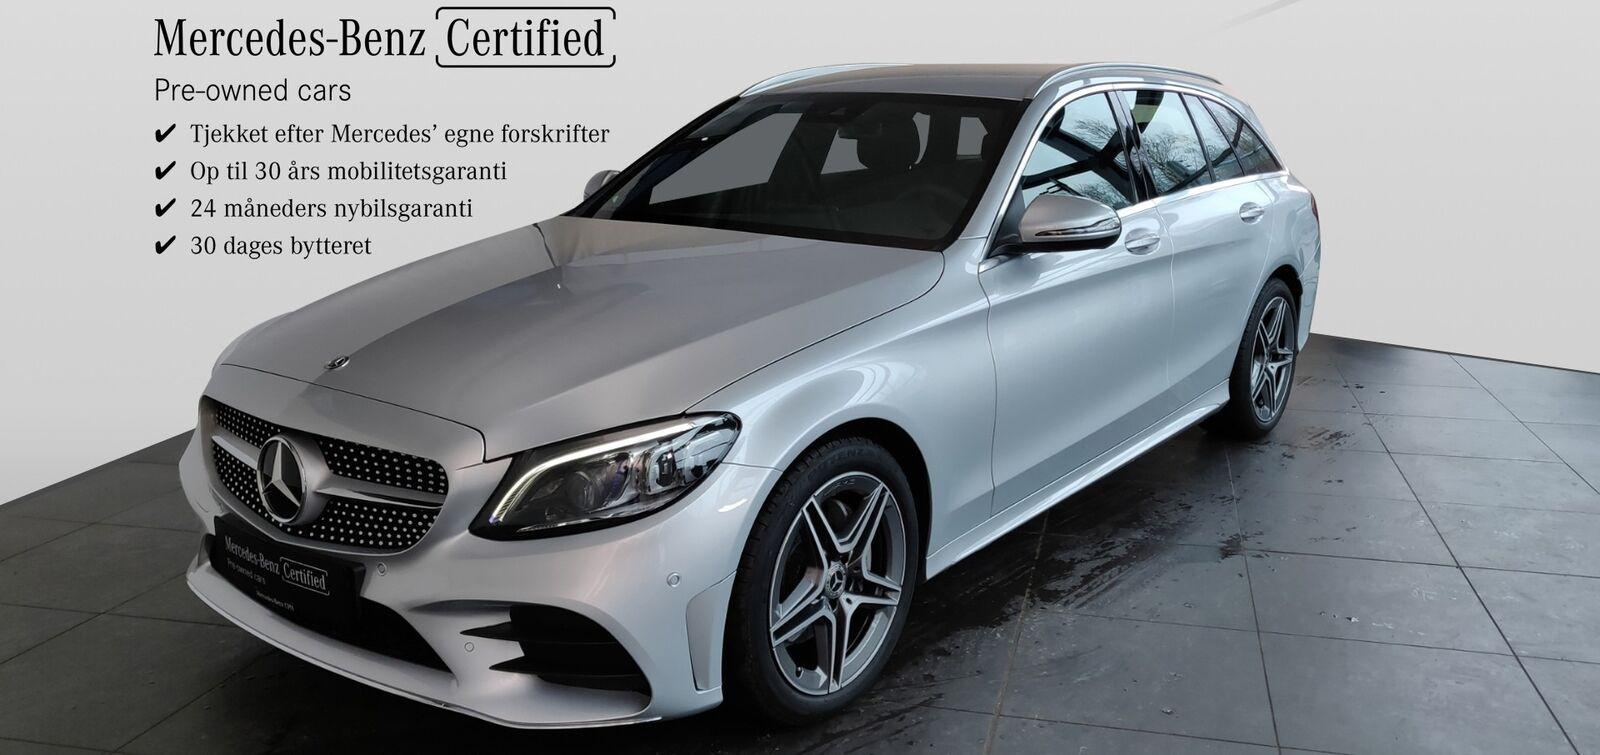 Mercedes C200 1,5 Advantage AMG stc. aut. 5d - 479.900 kr.